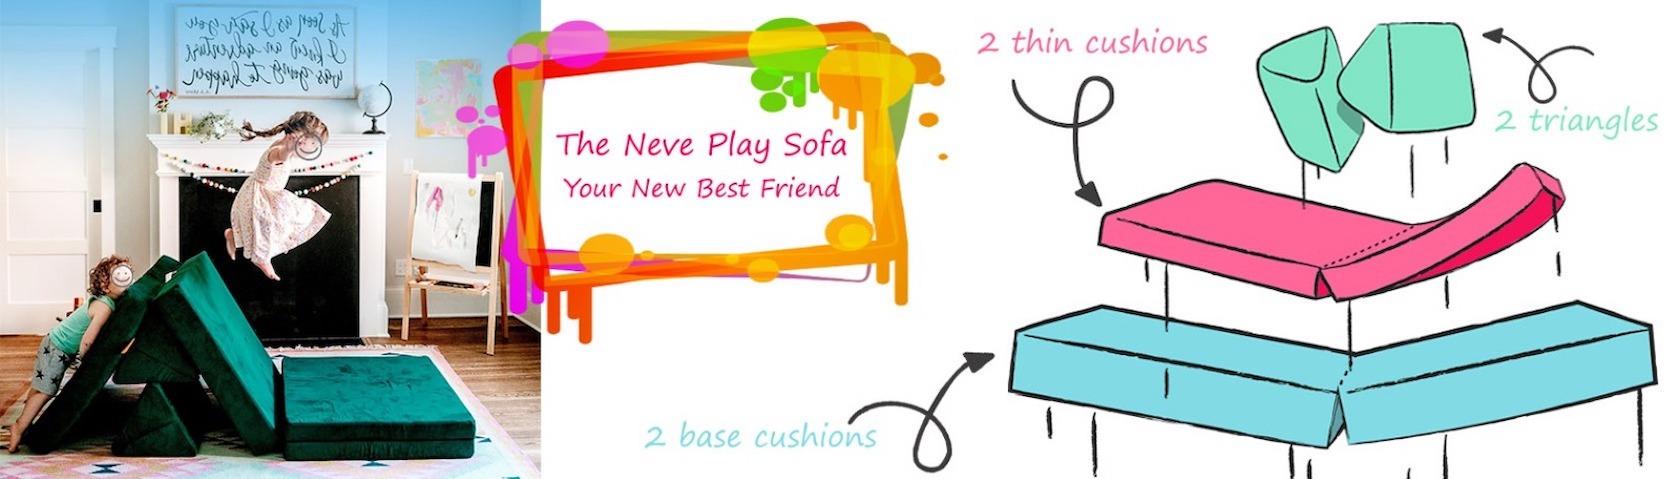 Neve Play Sofa